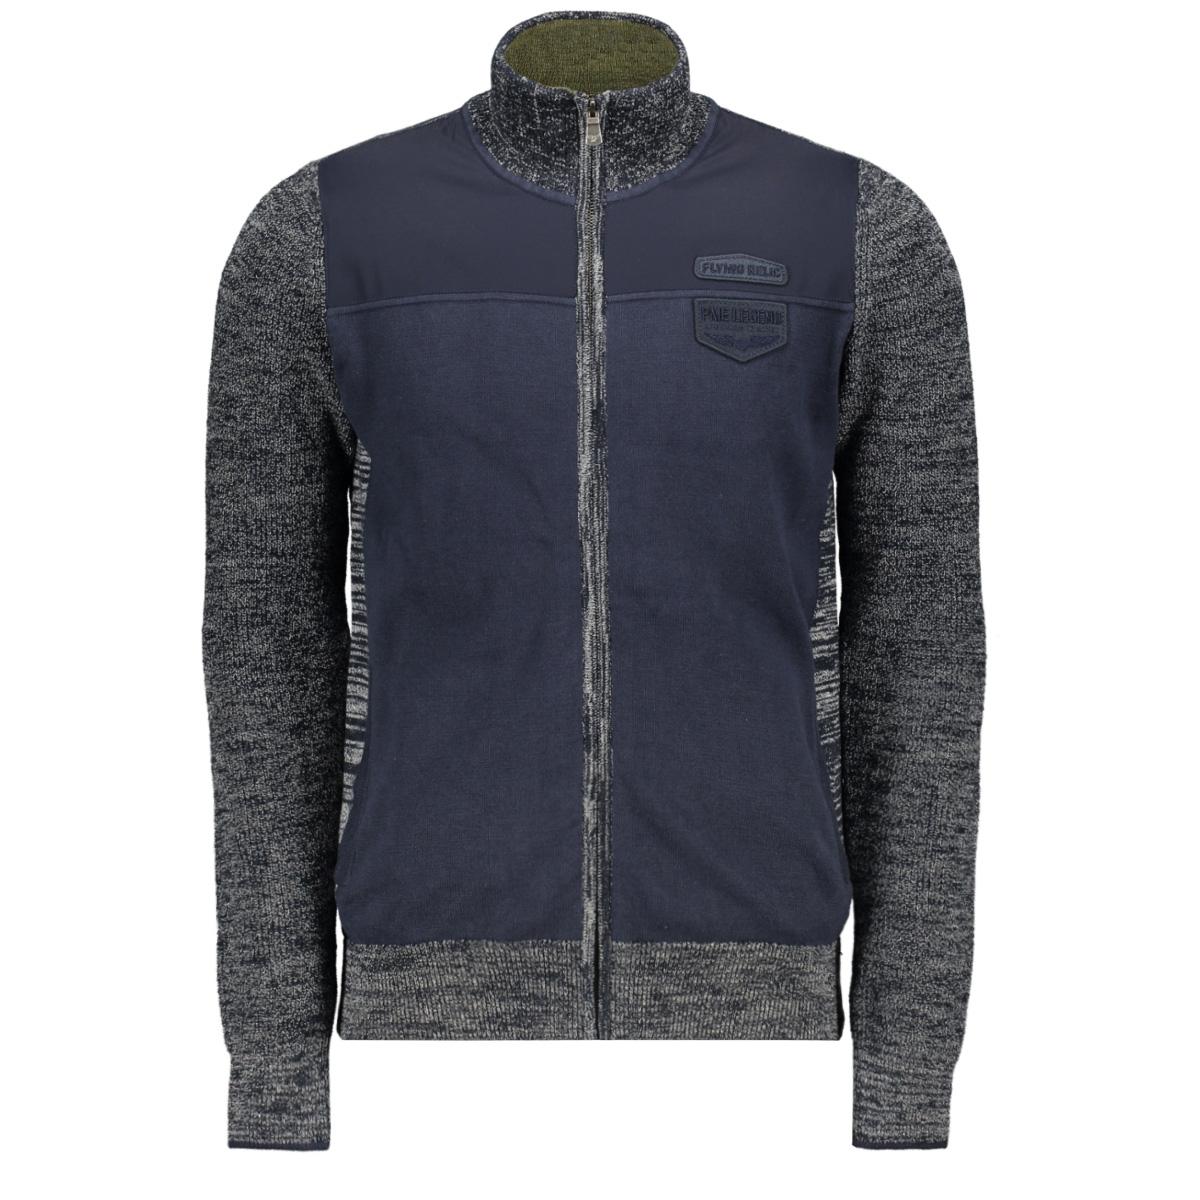 zip jacket pkc198320 pme legend vest 9077